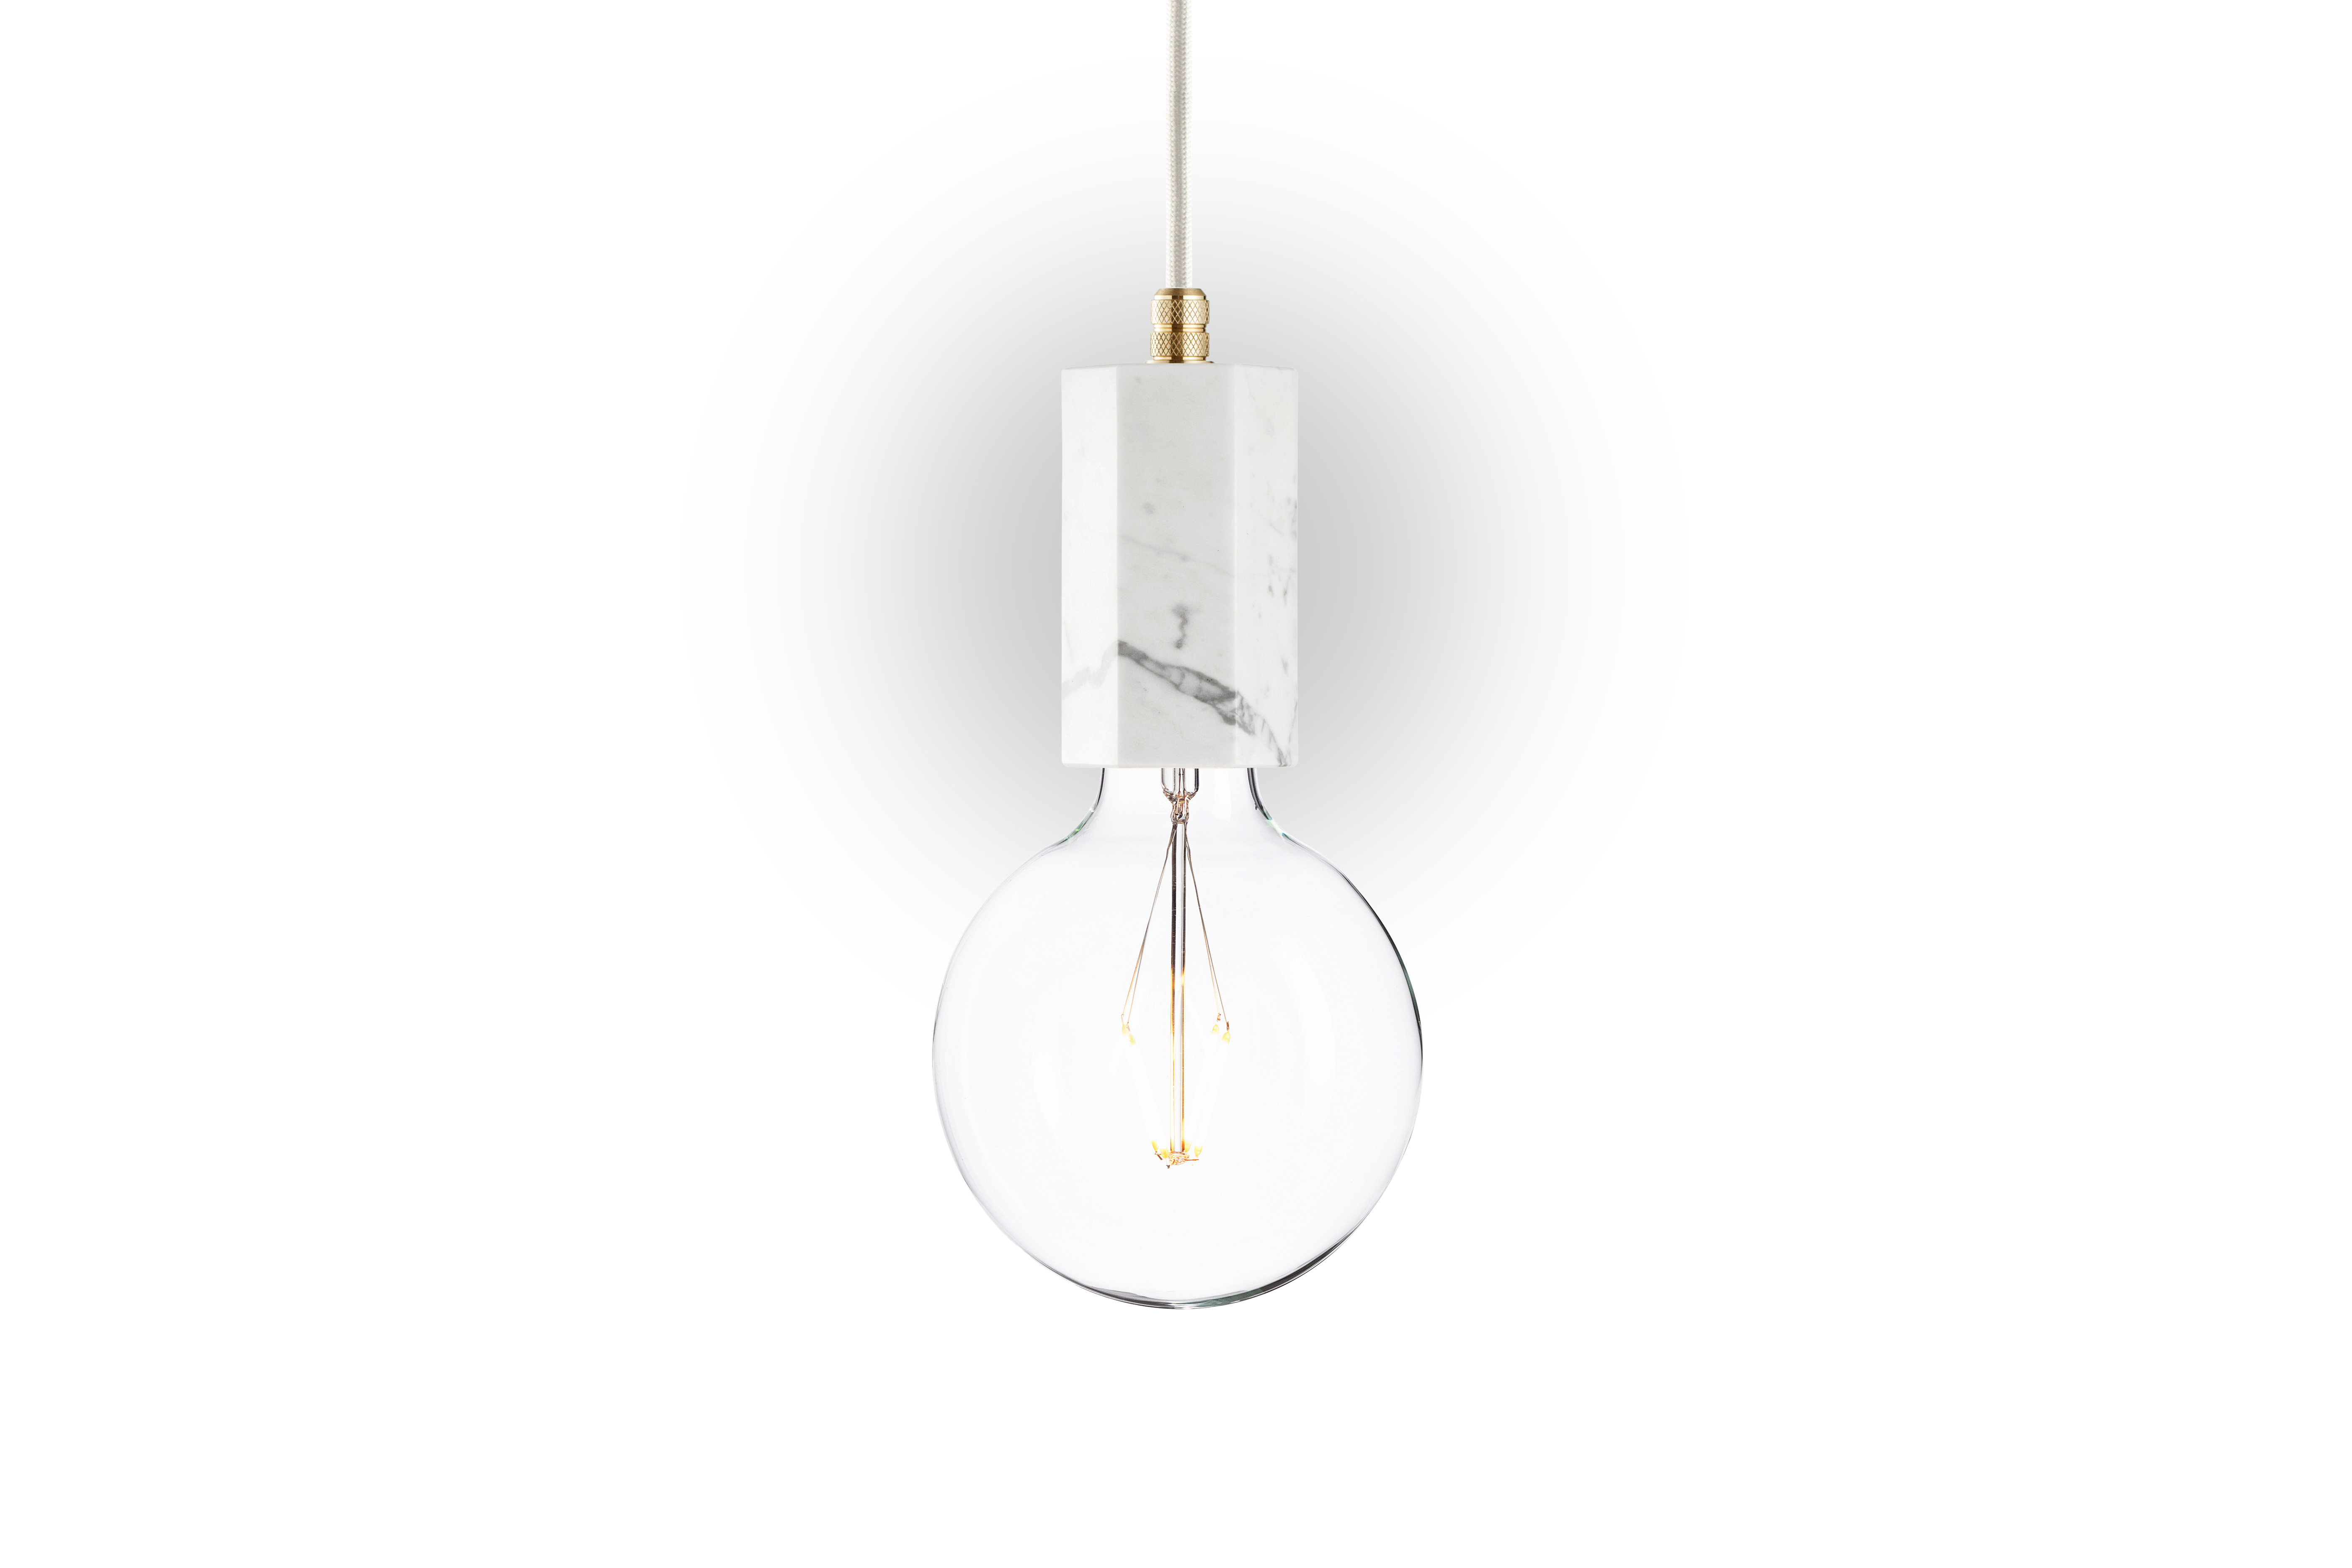 Подвесной светильник Marmor TromПодвесные светильники<br>Подвесной светильник &amp;quot;Marmor Trom&amp;quot; ? превосходный пример элегантного оформления, в котором простота встречается с роскошью. Строгая геометрия основания дарит лампе лоск минимализма. Изысканный узор настоящего белого мрамора позволяет светильнику в стиле лофт завораживать своей утонченностью каждого.&amp;lt;div&amp;gt;&amp;lt;br&amp;gt;&amp;lt;/div&amp;gt;&amp;lt;div&amp;gt;Лампочка приобретается отдельно. Цоколь Е27, максимальная мощность лампочки - 60 W, длина шнура - 3 м.&amp;amp;nbsp;&amp;amp;nbsp;&amp;lt;/div&amp;gt;&amp;lt;div&amp;gt;Материал: корпус - мрамор &amp;amp;nbsp;Bianco Carrara, фурнитура - латунь, сталь, патрон - пластик, кабель в оплетке. Под заказ. Срок изготовления 3 недели.&amp;amp;nbsp;&amp;lt;/div&amp;gt;<br><br>Material: Мрамор<br>Height см: 12<br>Diameter см: 6